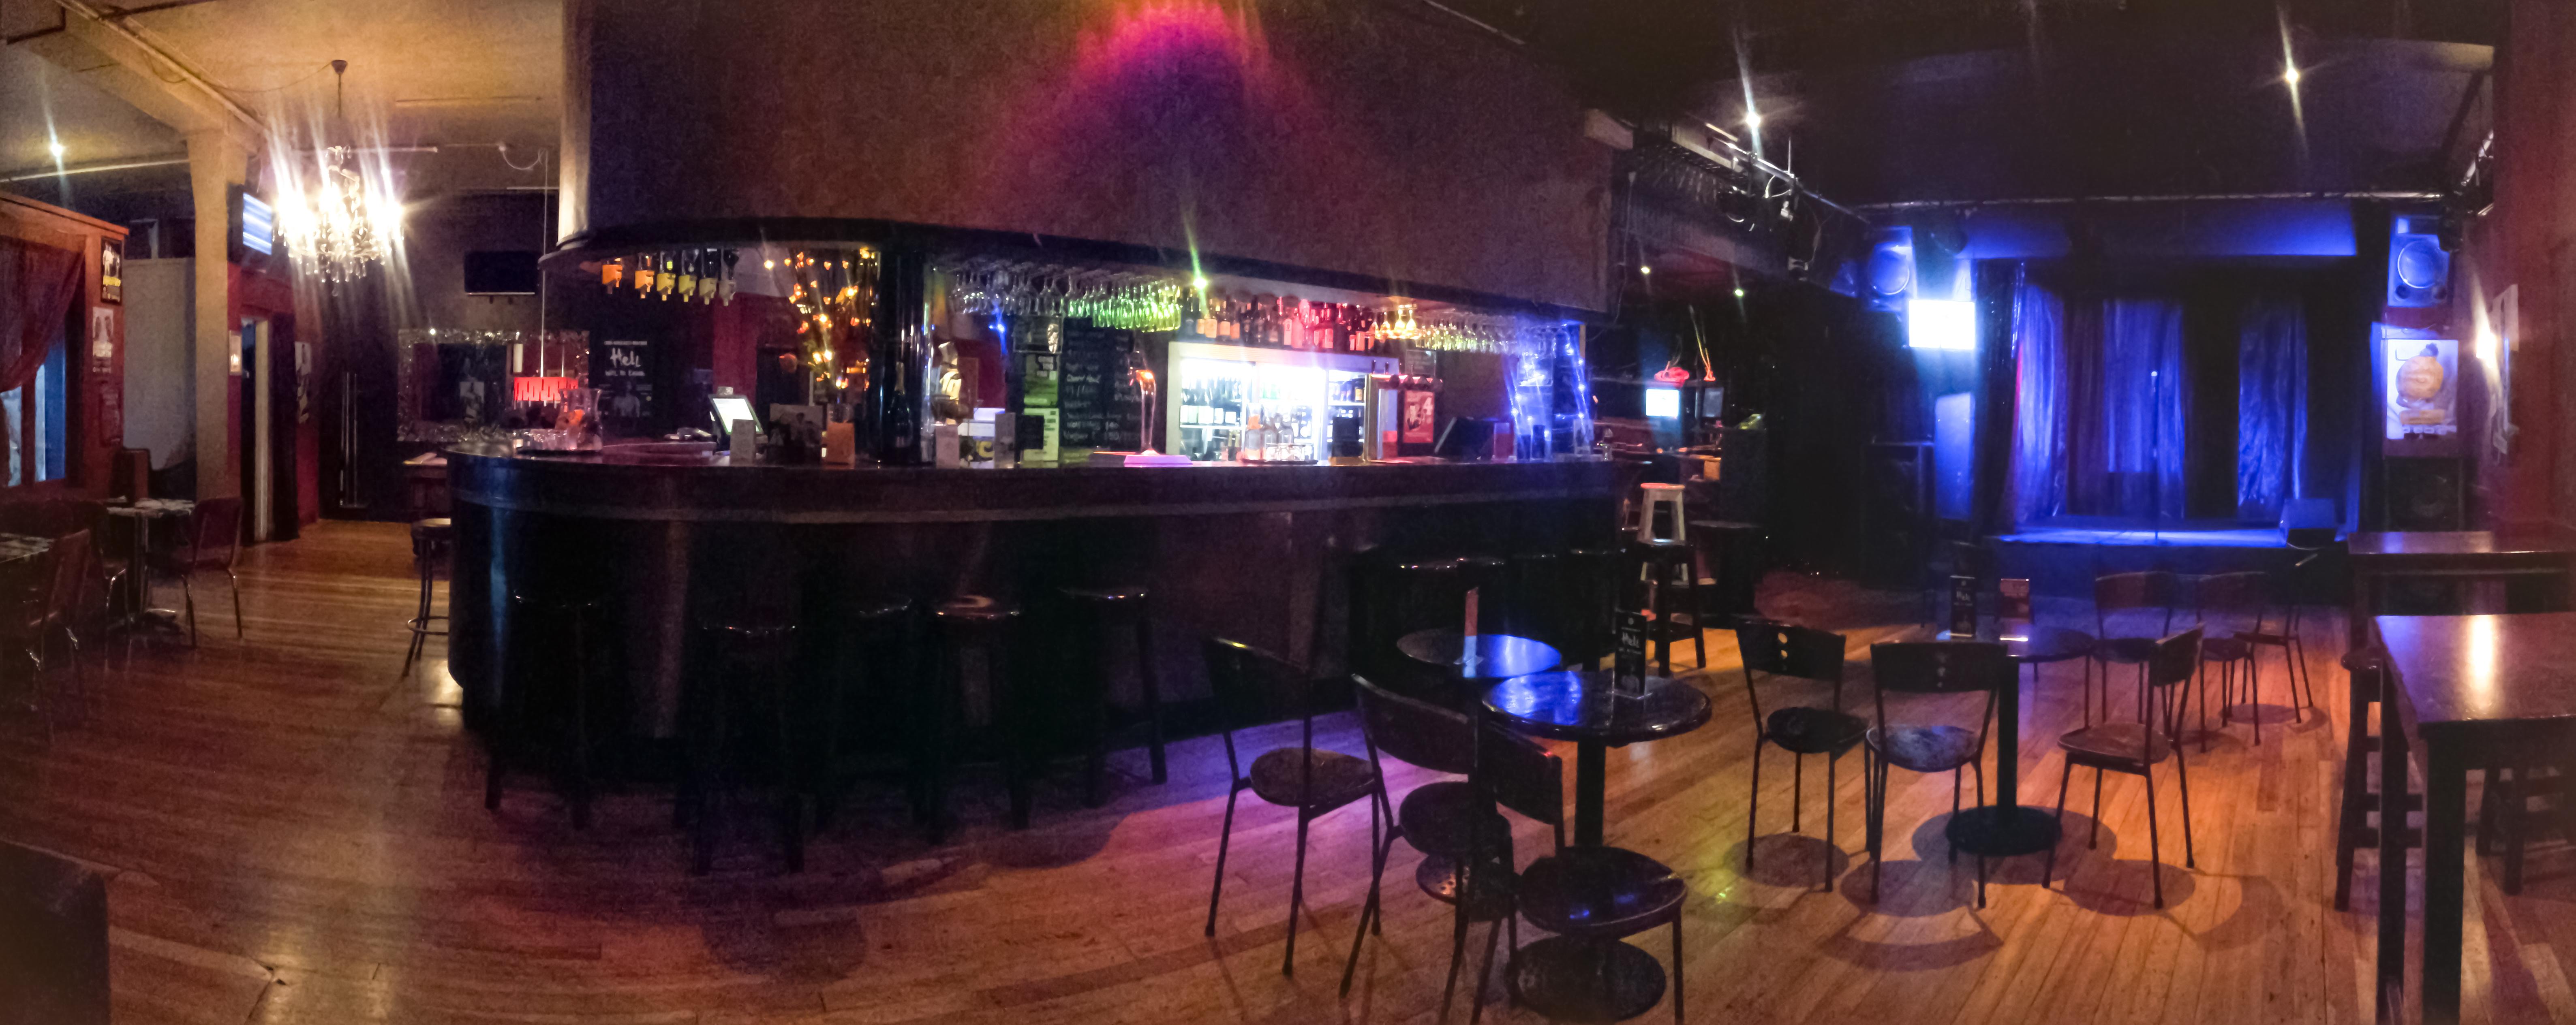 Fringe Bar - Allen St